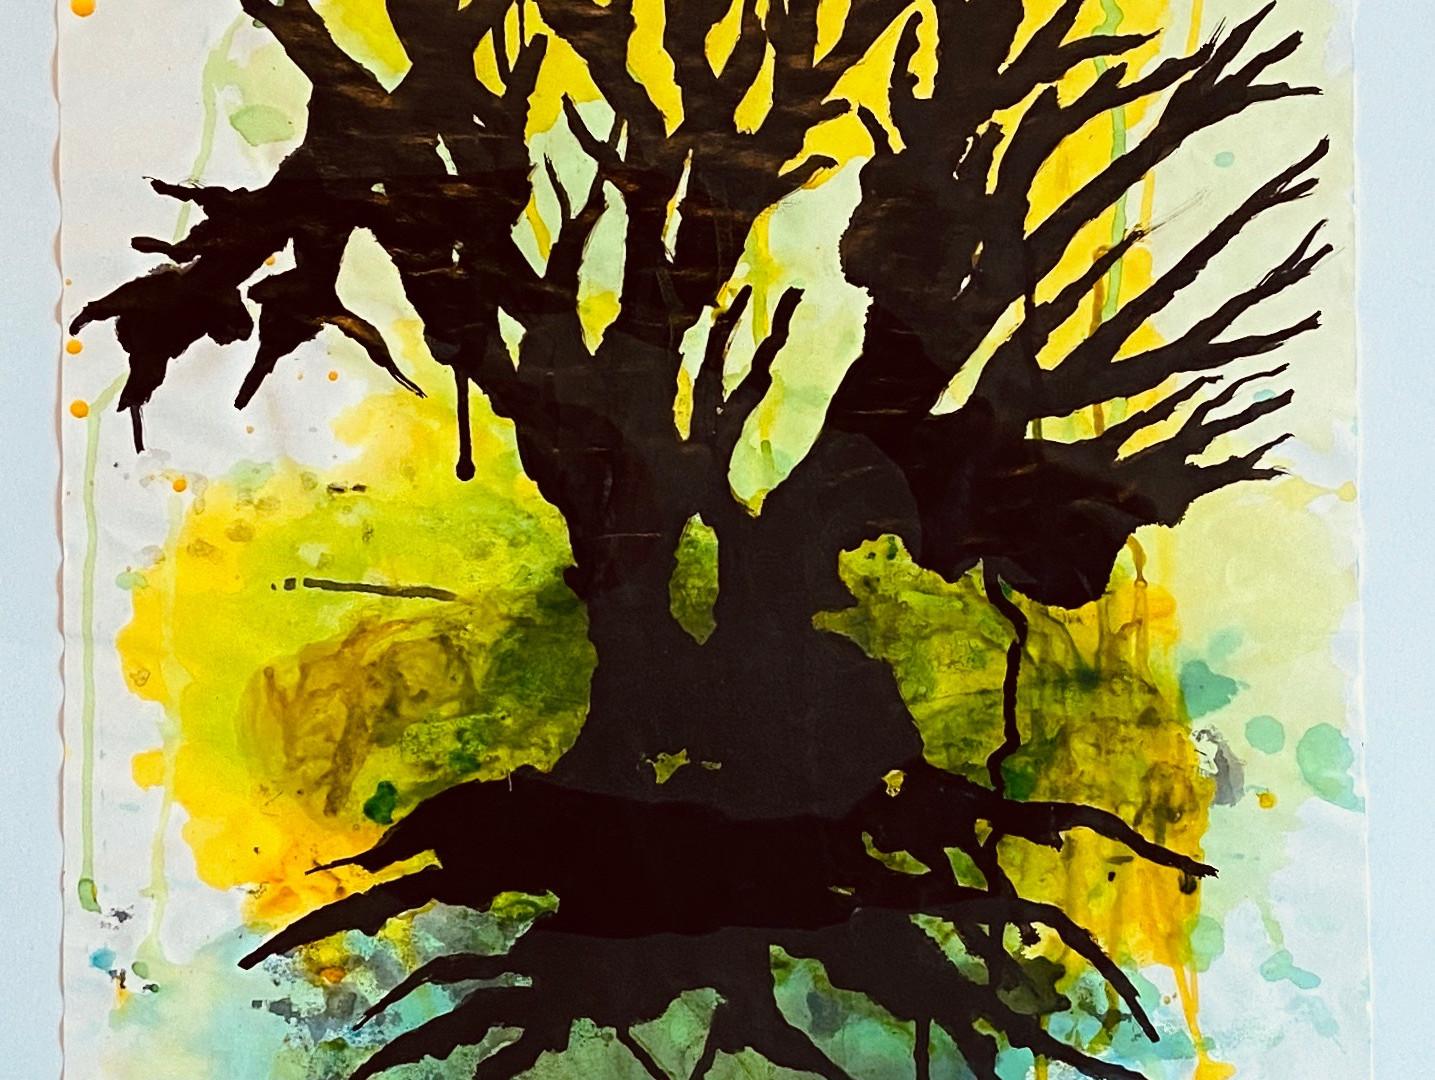 Grand arbre jaune